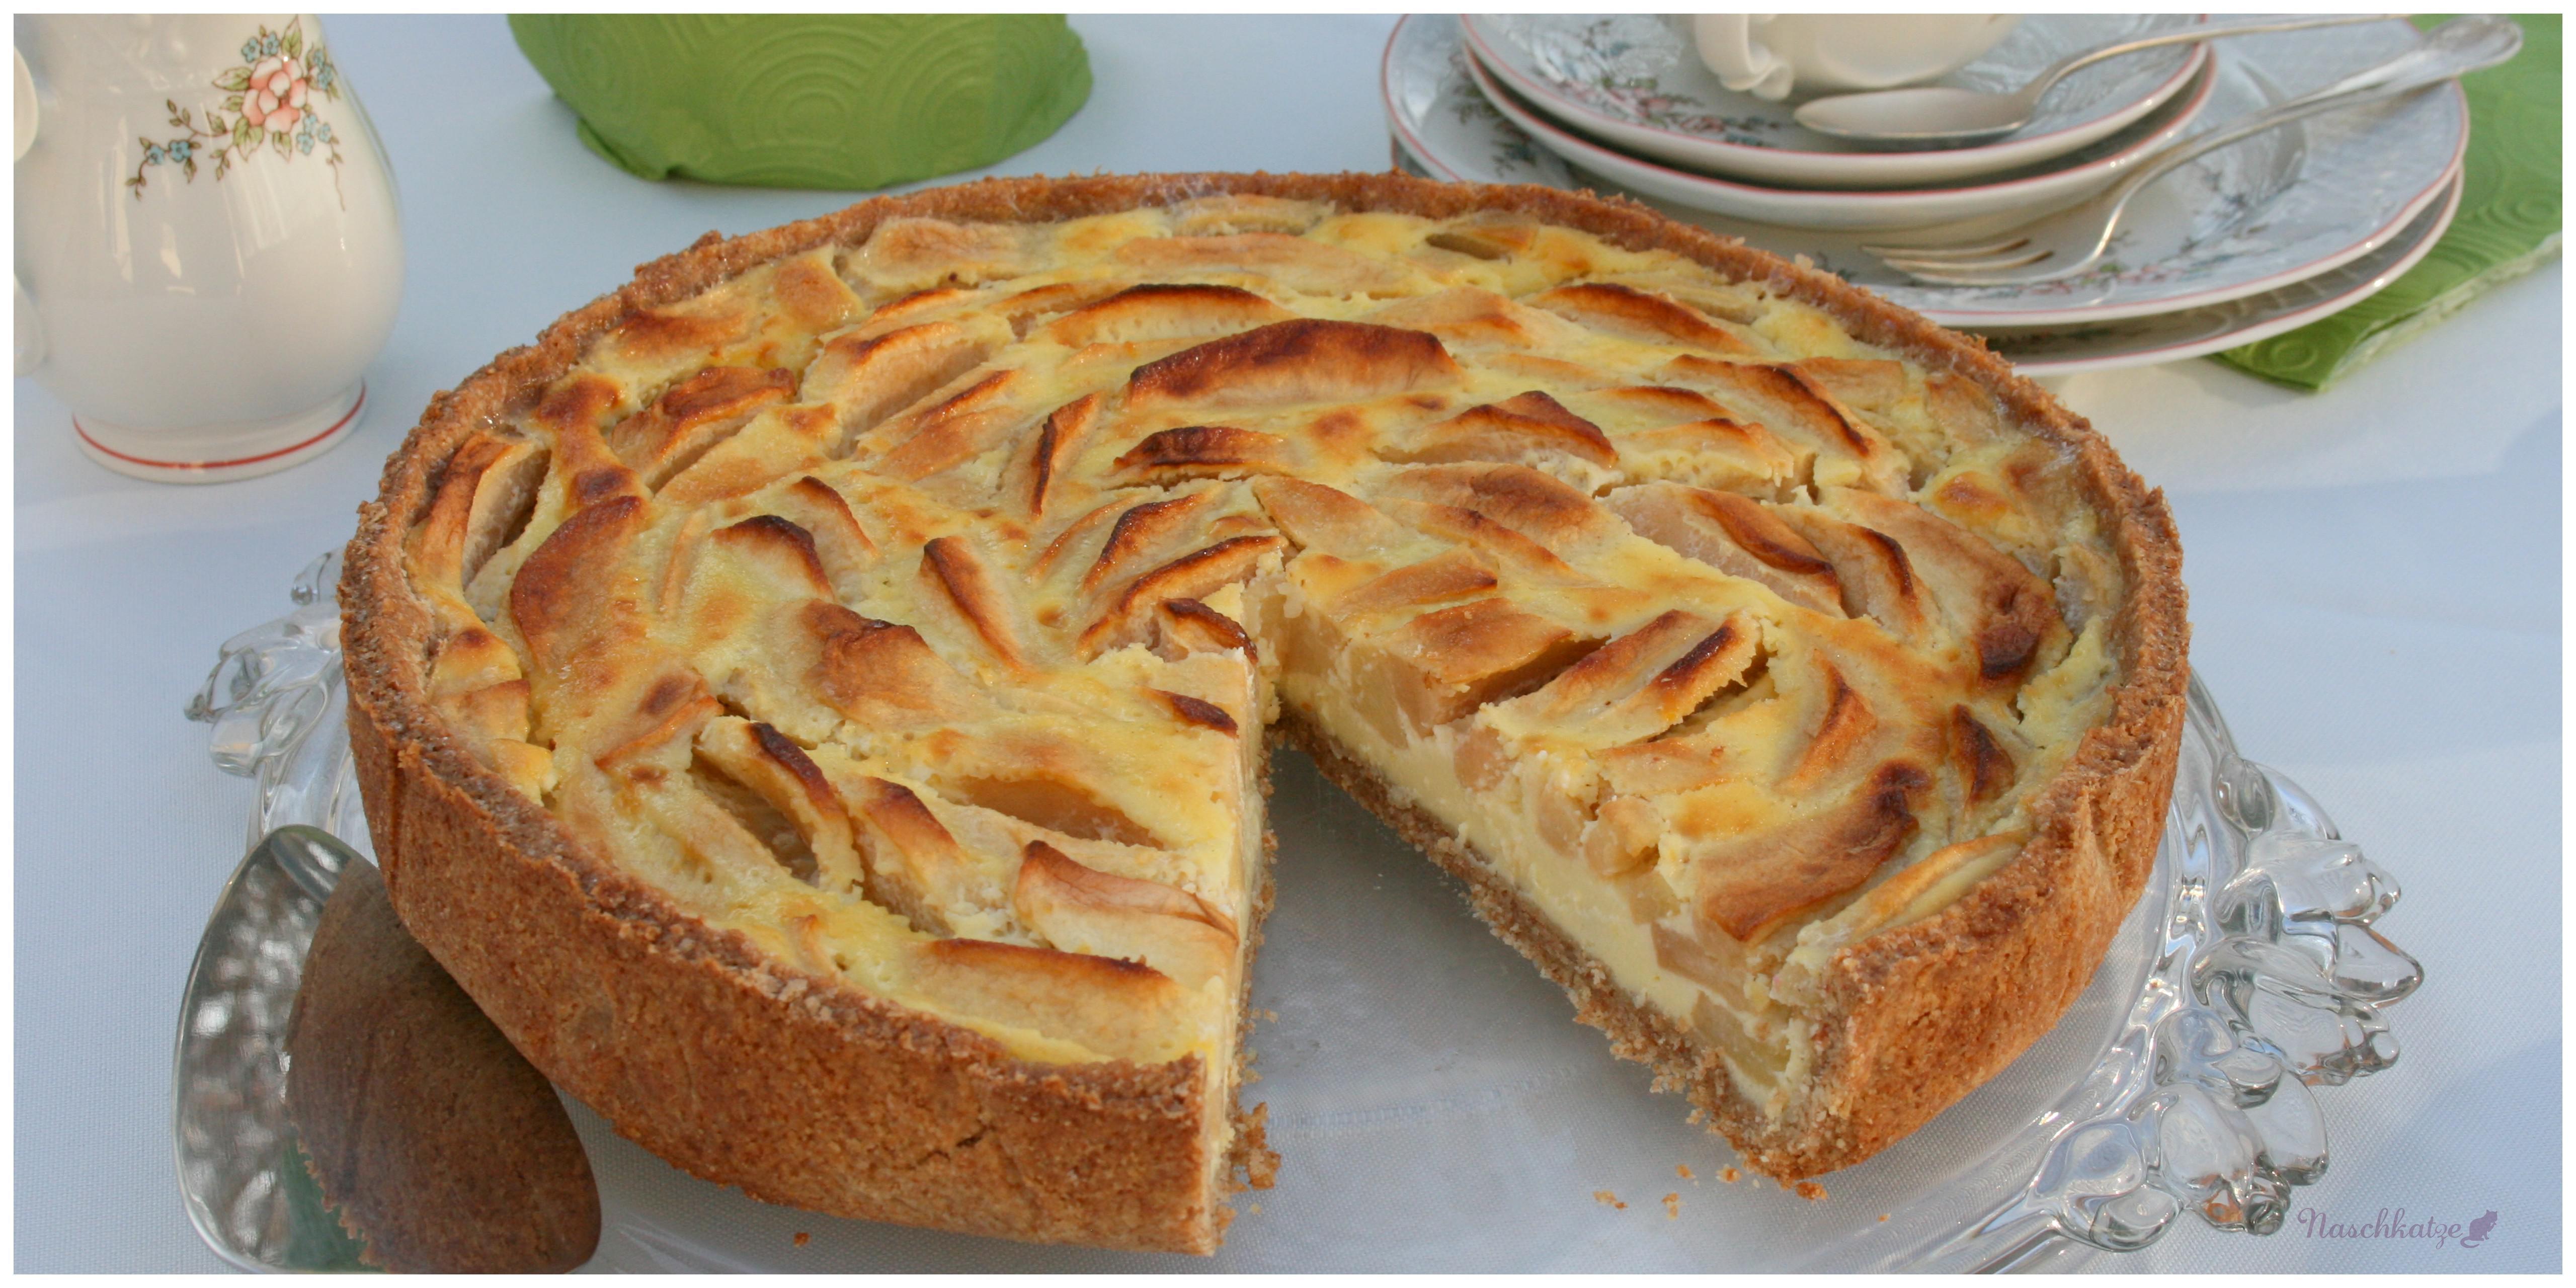 Der Einfachste Und Leckerste Apfelkuchen Das 1 2 3 2 4 6 Rezept